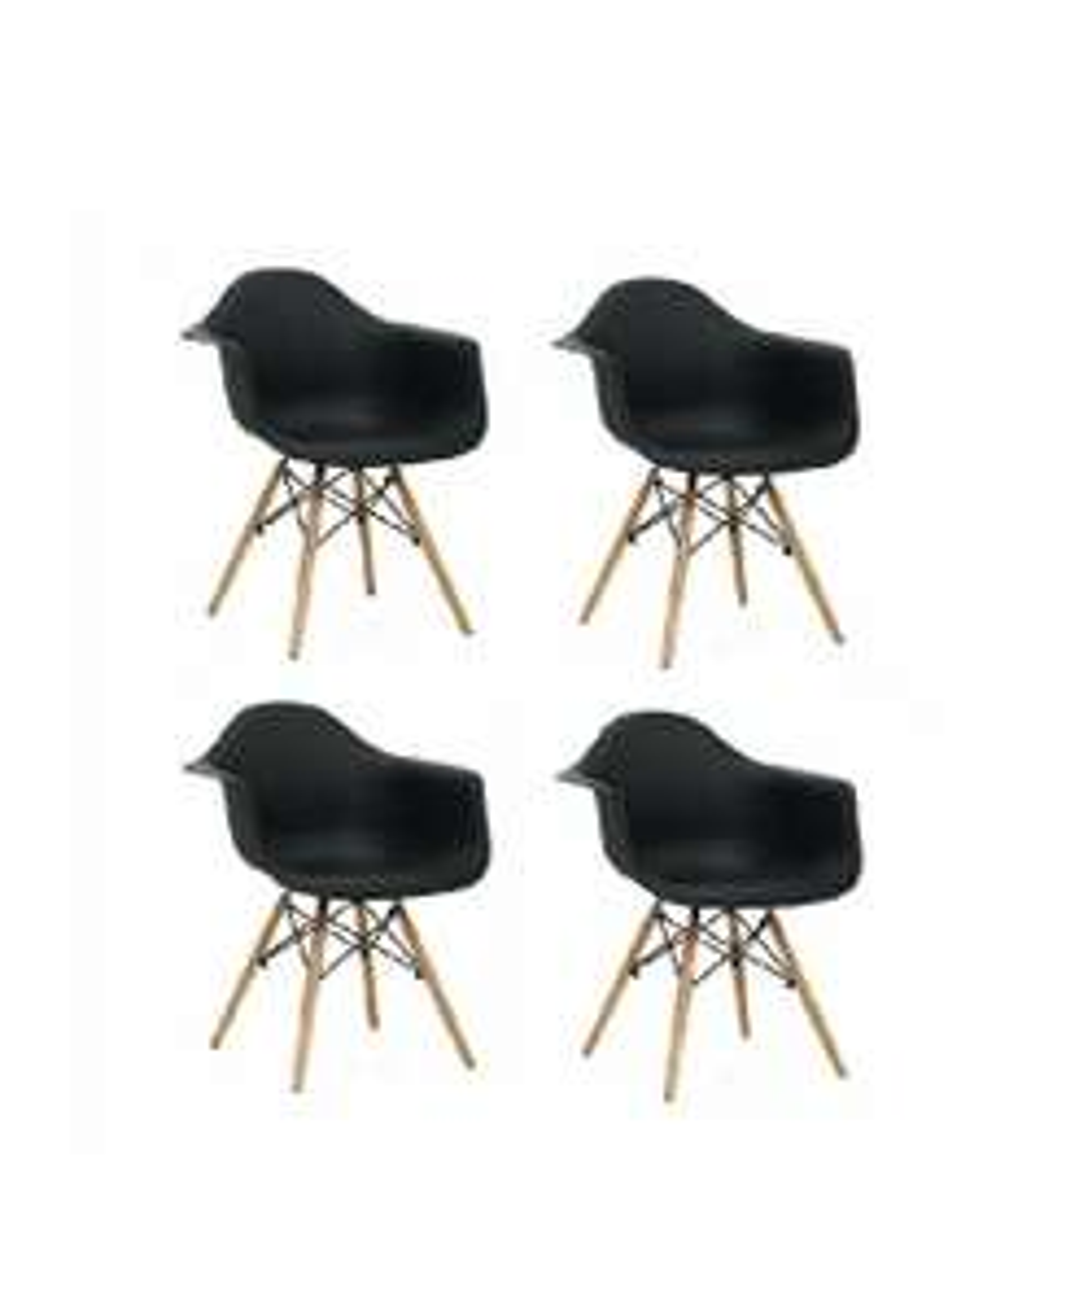 Black friday 2017 amazon set de sillas eames con for Sillas oficina black friday